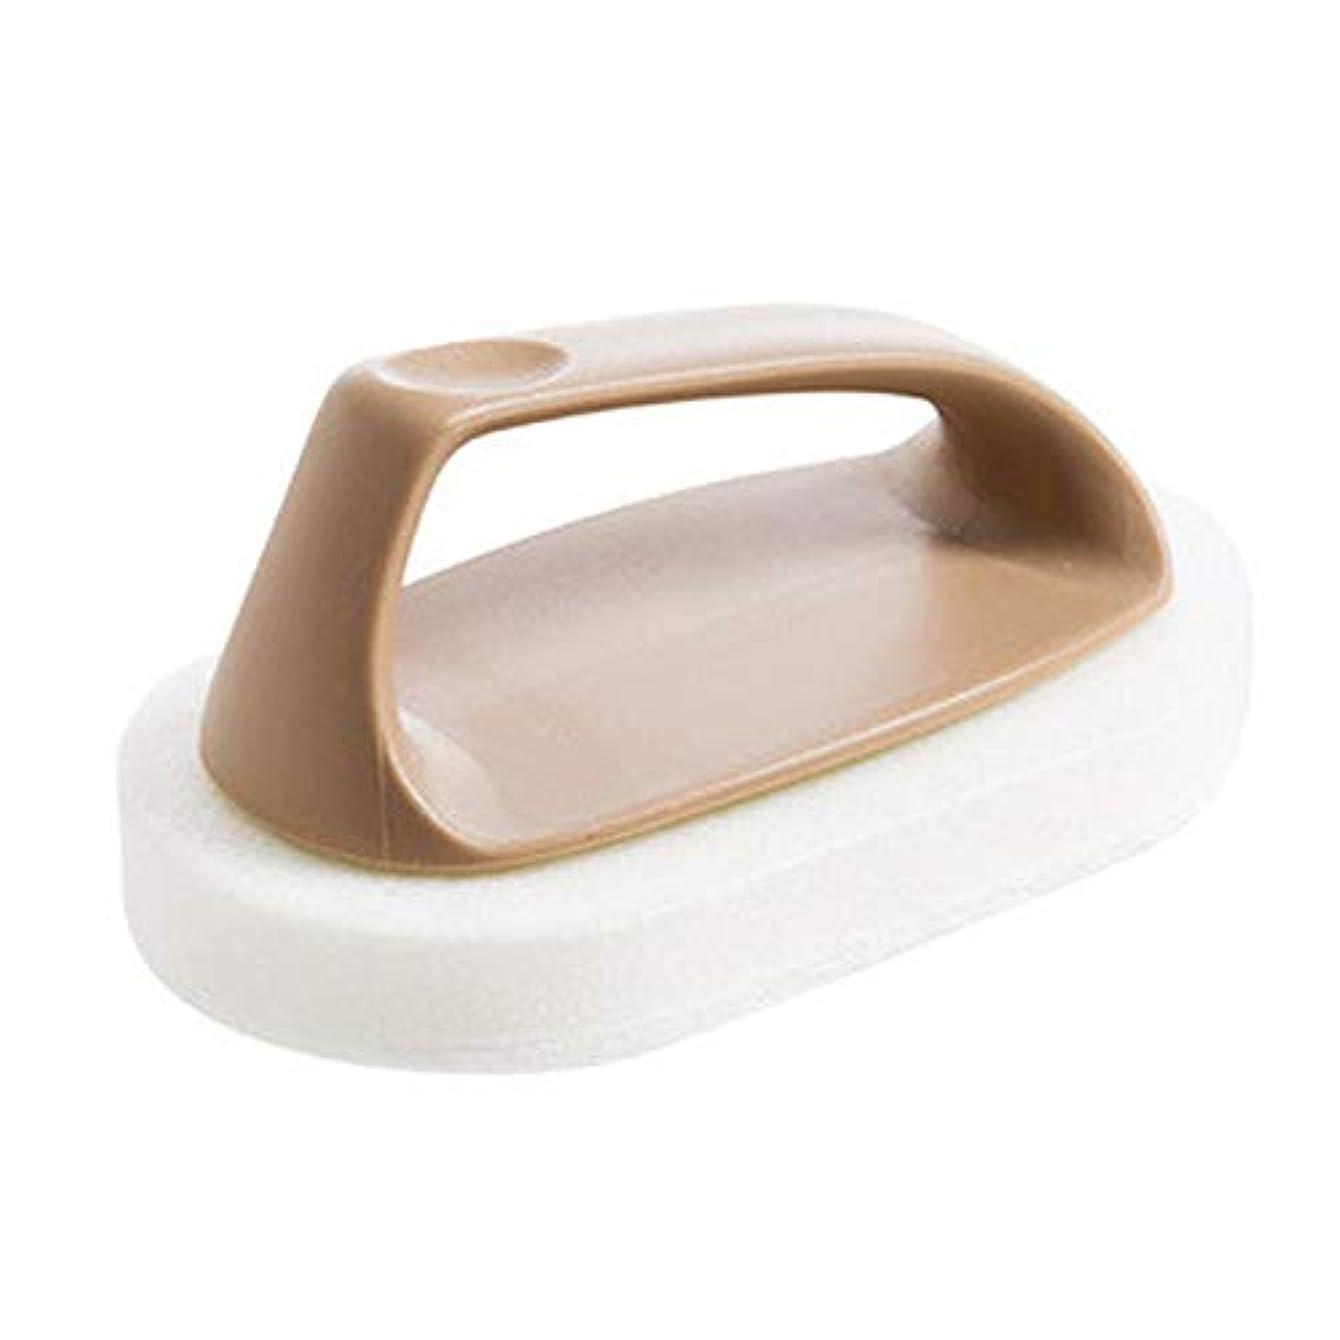 クライストチャーチ後者導出ポアクリーニング スポンジバスバスルーム強力な汚染除去タイルキッチンウォッシュポットクリーニングブラシストーブスポンジ2 PC マッサージブラシ (色 : 褐色)